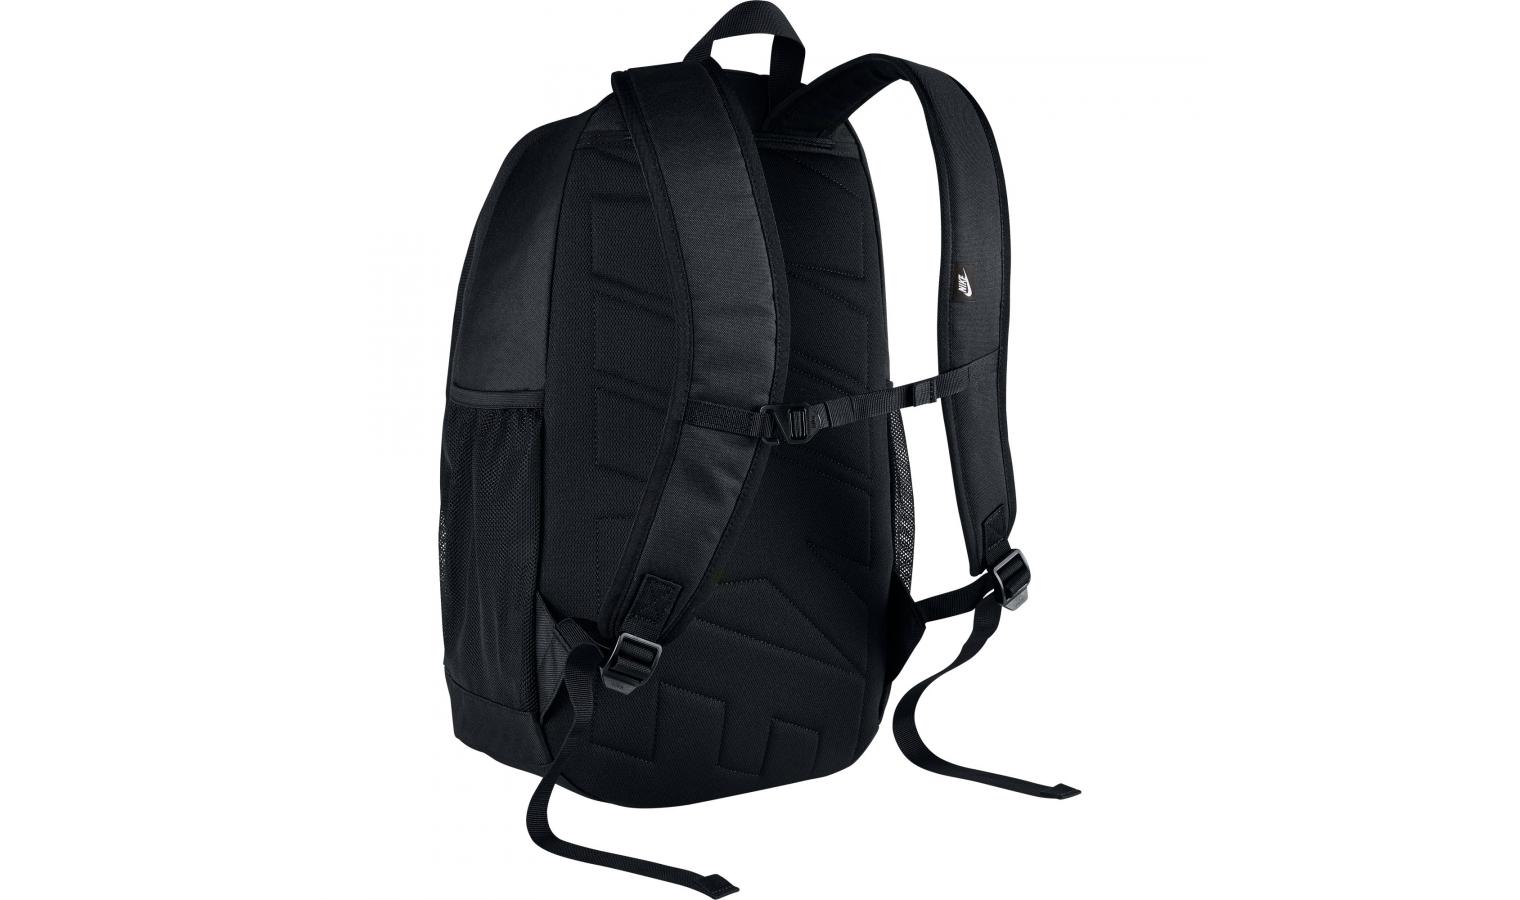 Batoh Nike ACADEMY FOOTBALL BACKPACK černý  31790ce0dec20